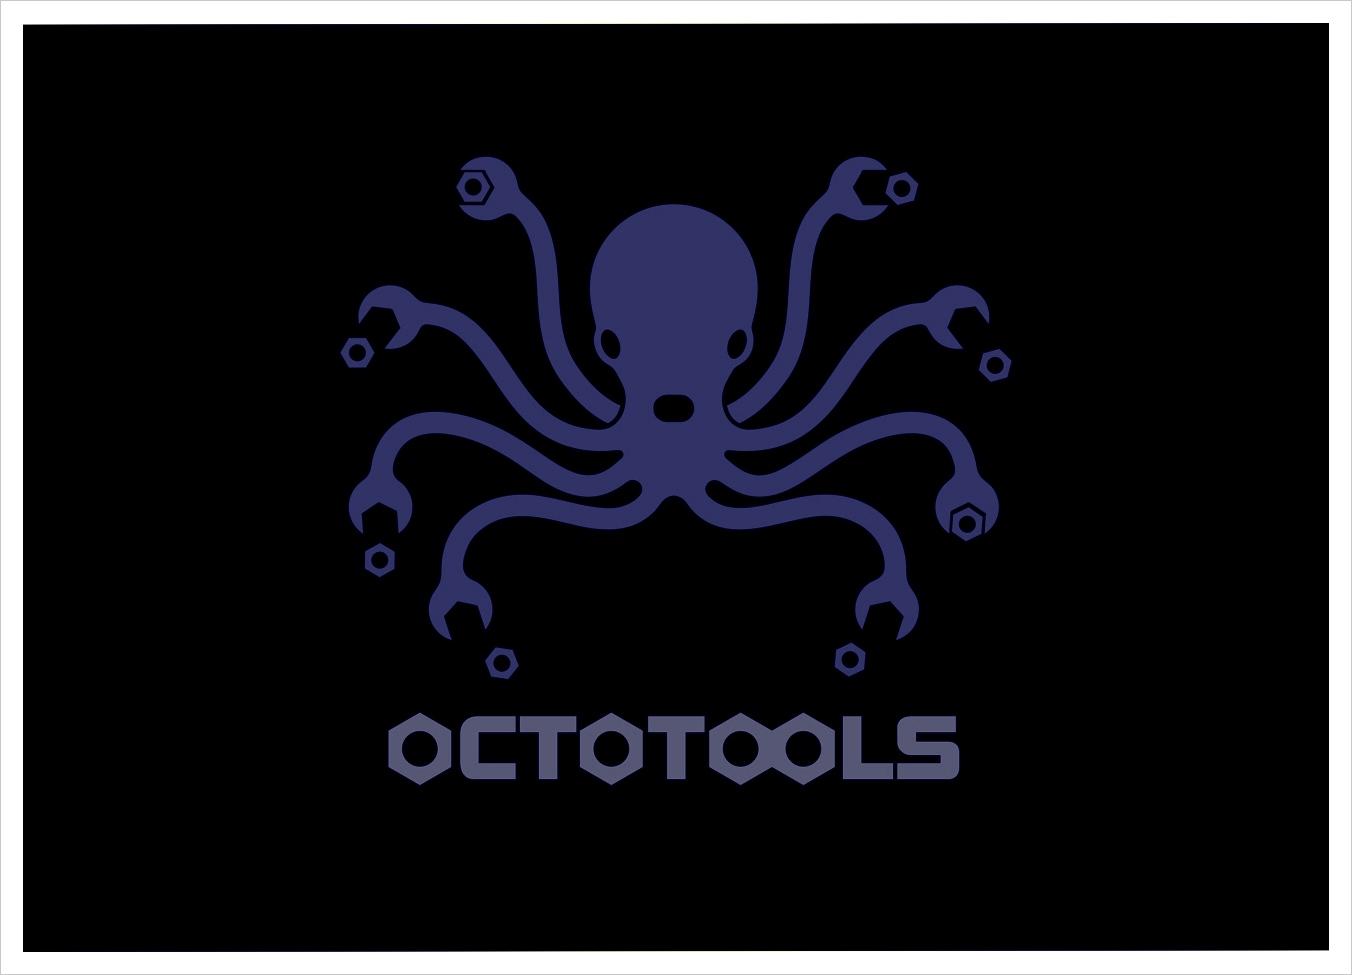 Octotools Logo For Marine Tool Company Logo Graphic